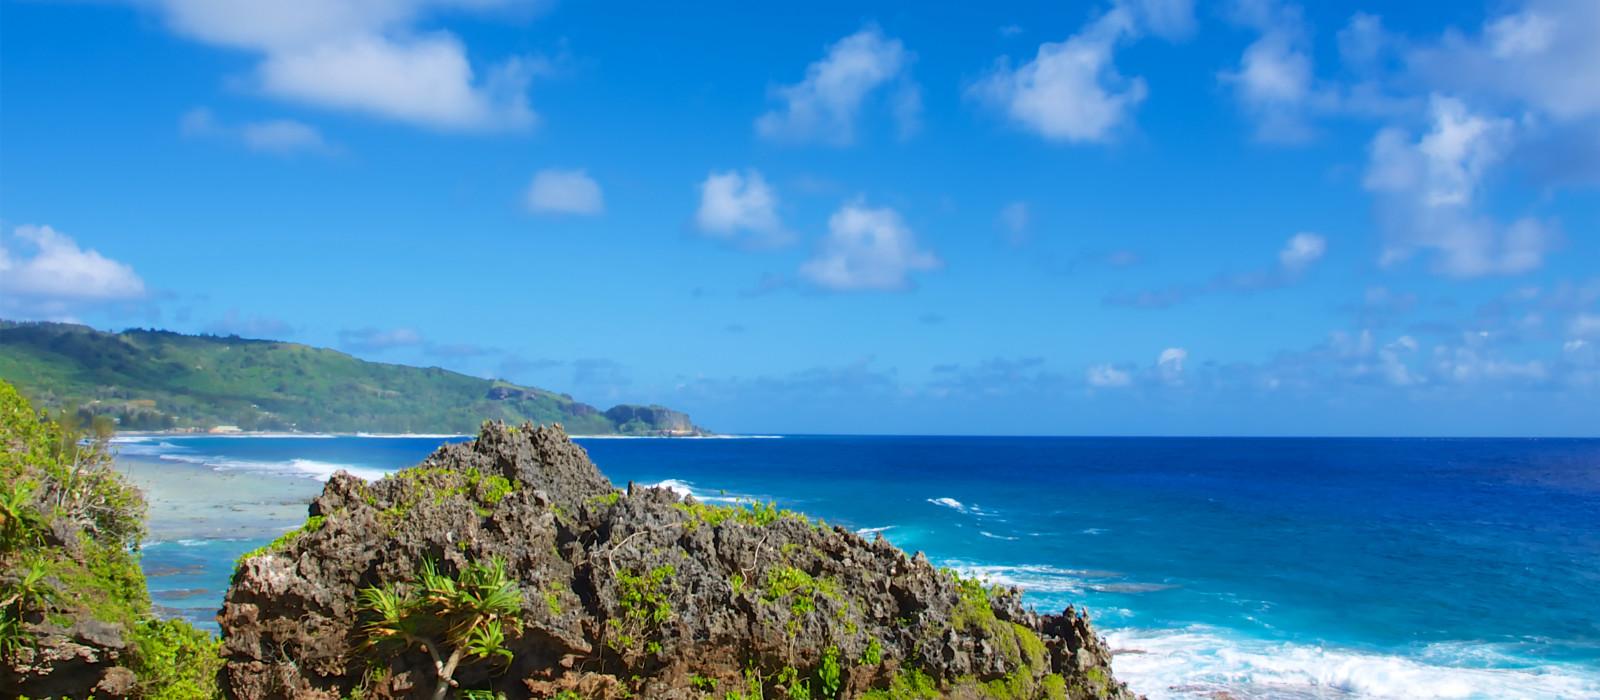 Destination Rurutu French Polynesia